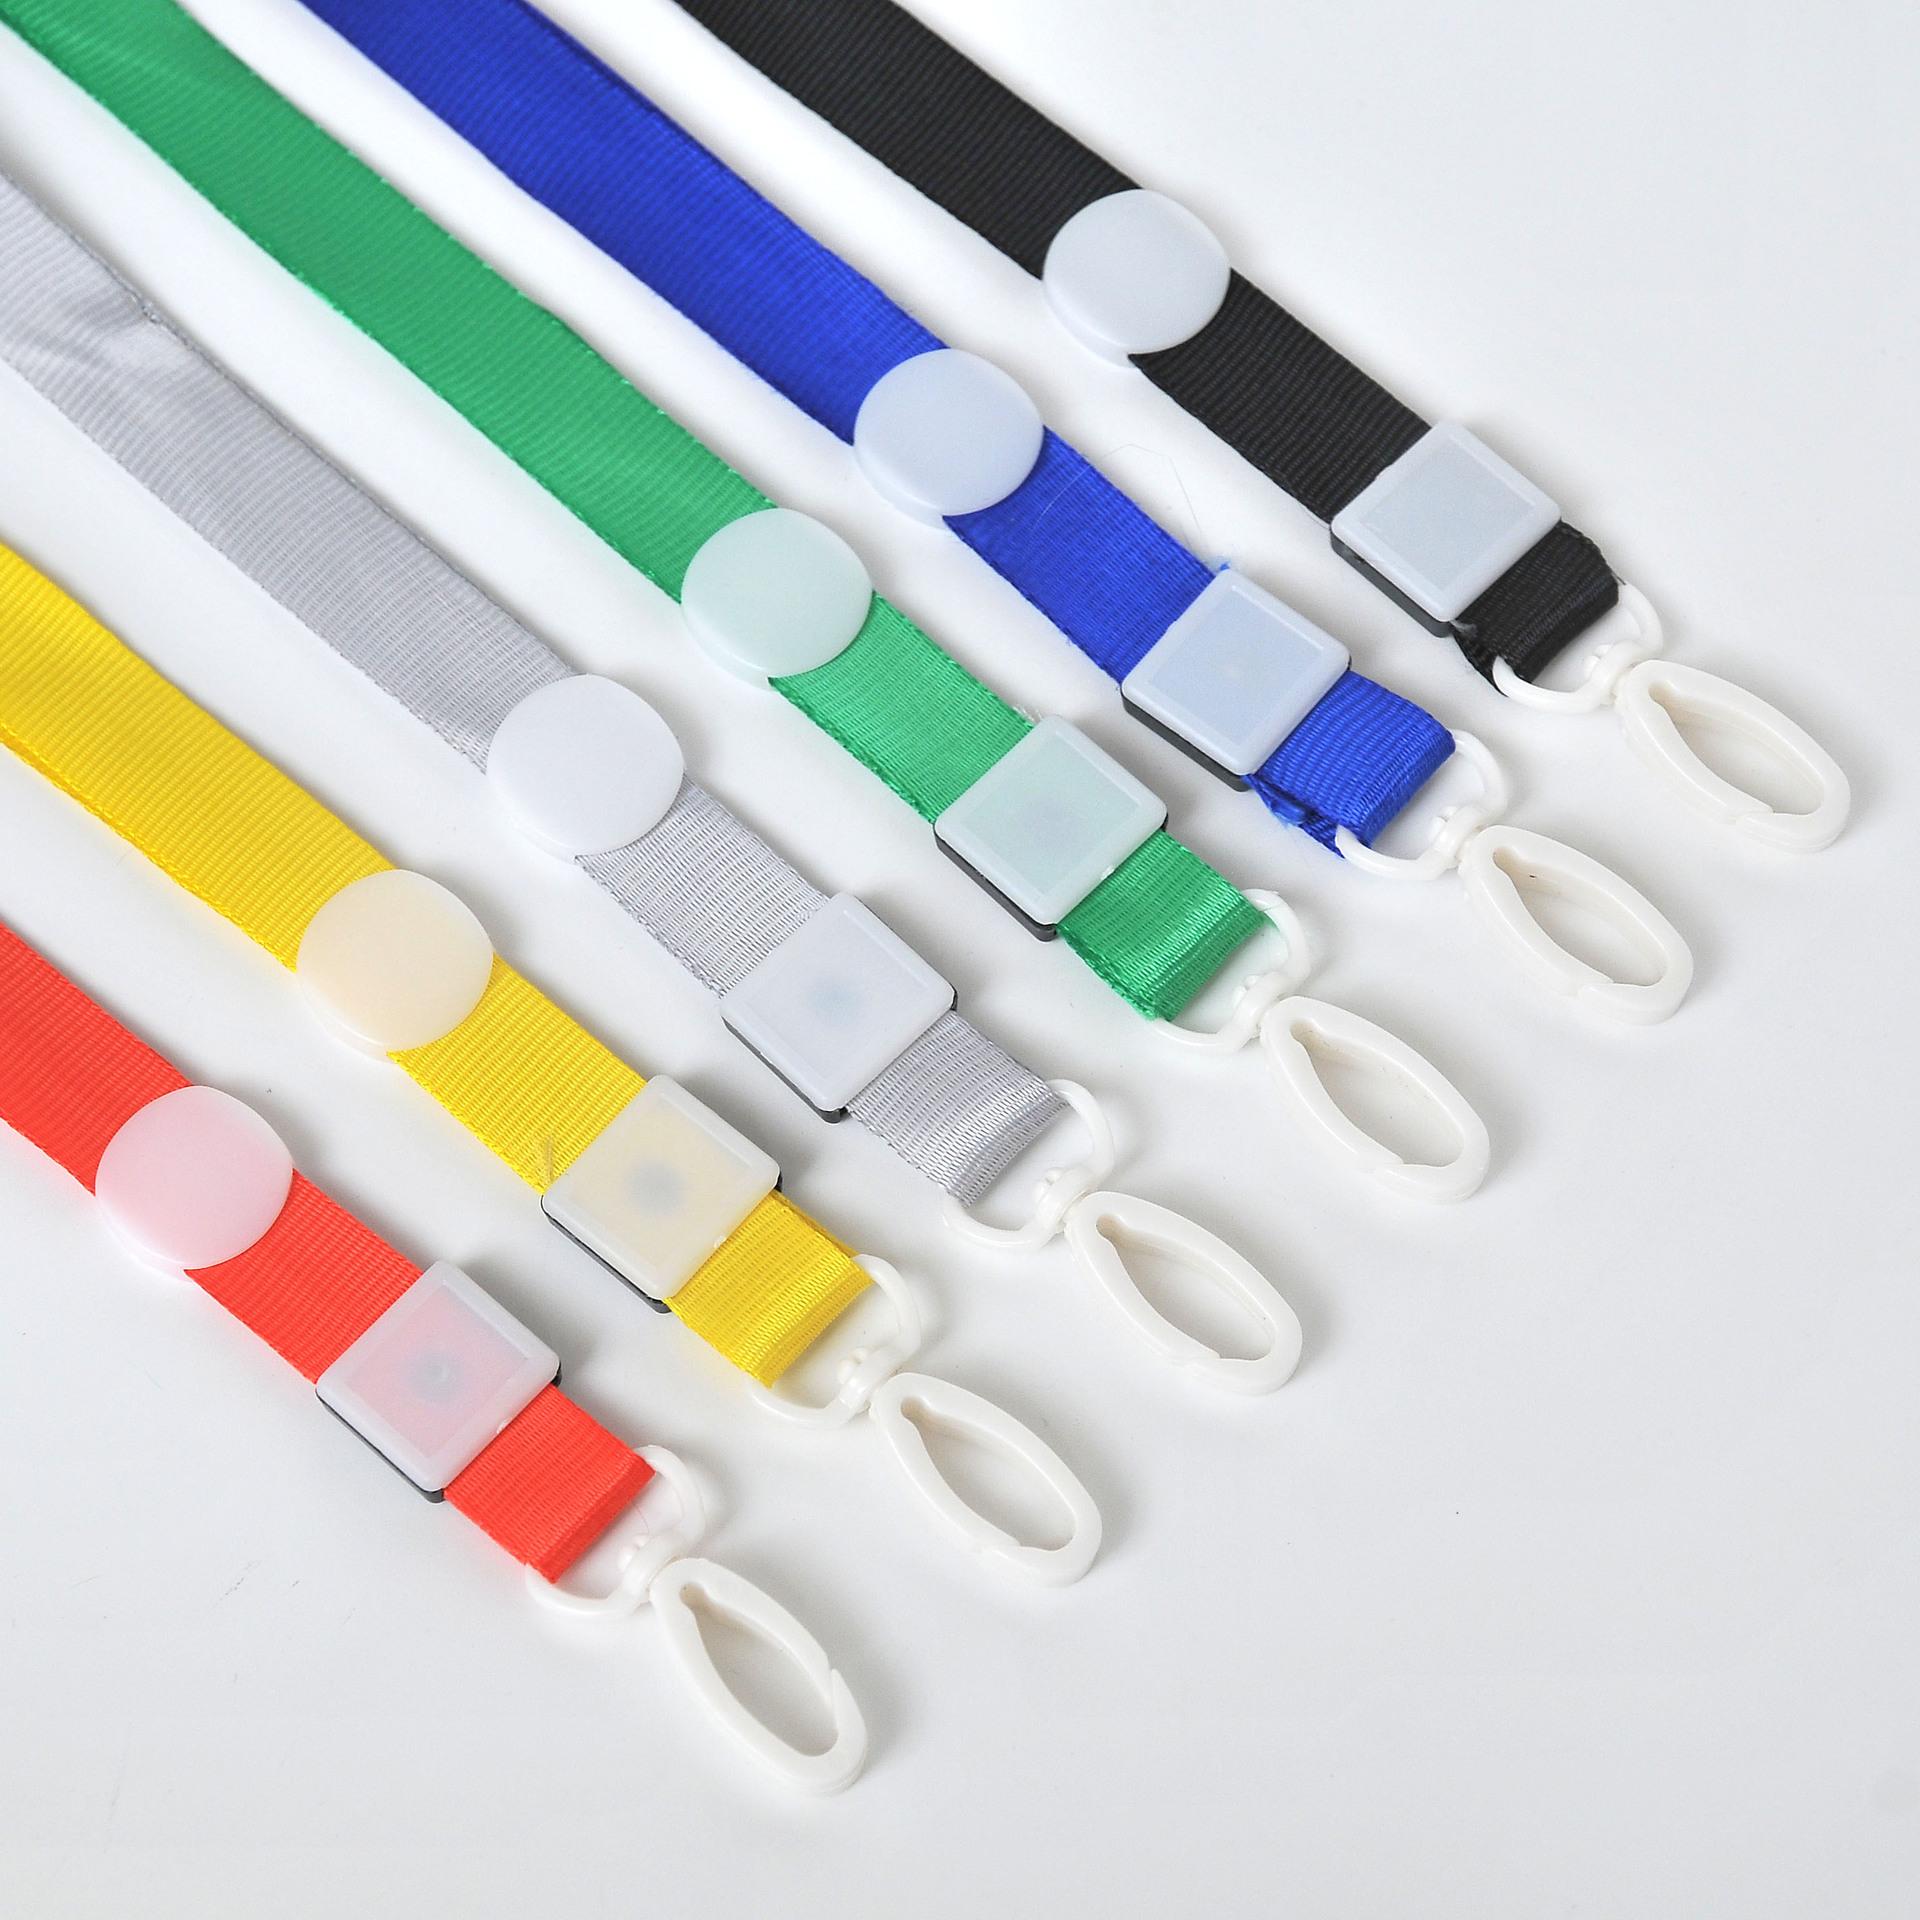 MEILI dây đeo Dây buộc tùy chỉnh 1,5cm móc nhựa in logo huy hiệu thẻ dây chứng nhận dây triển lãm dâ